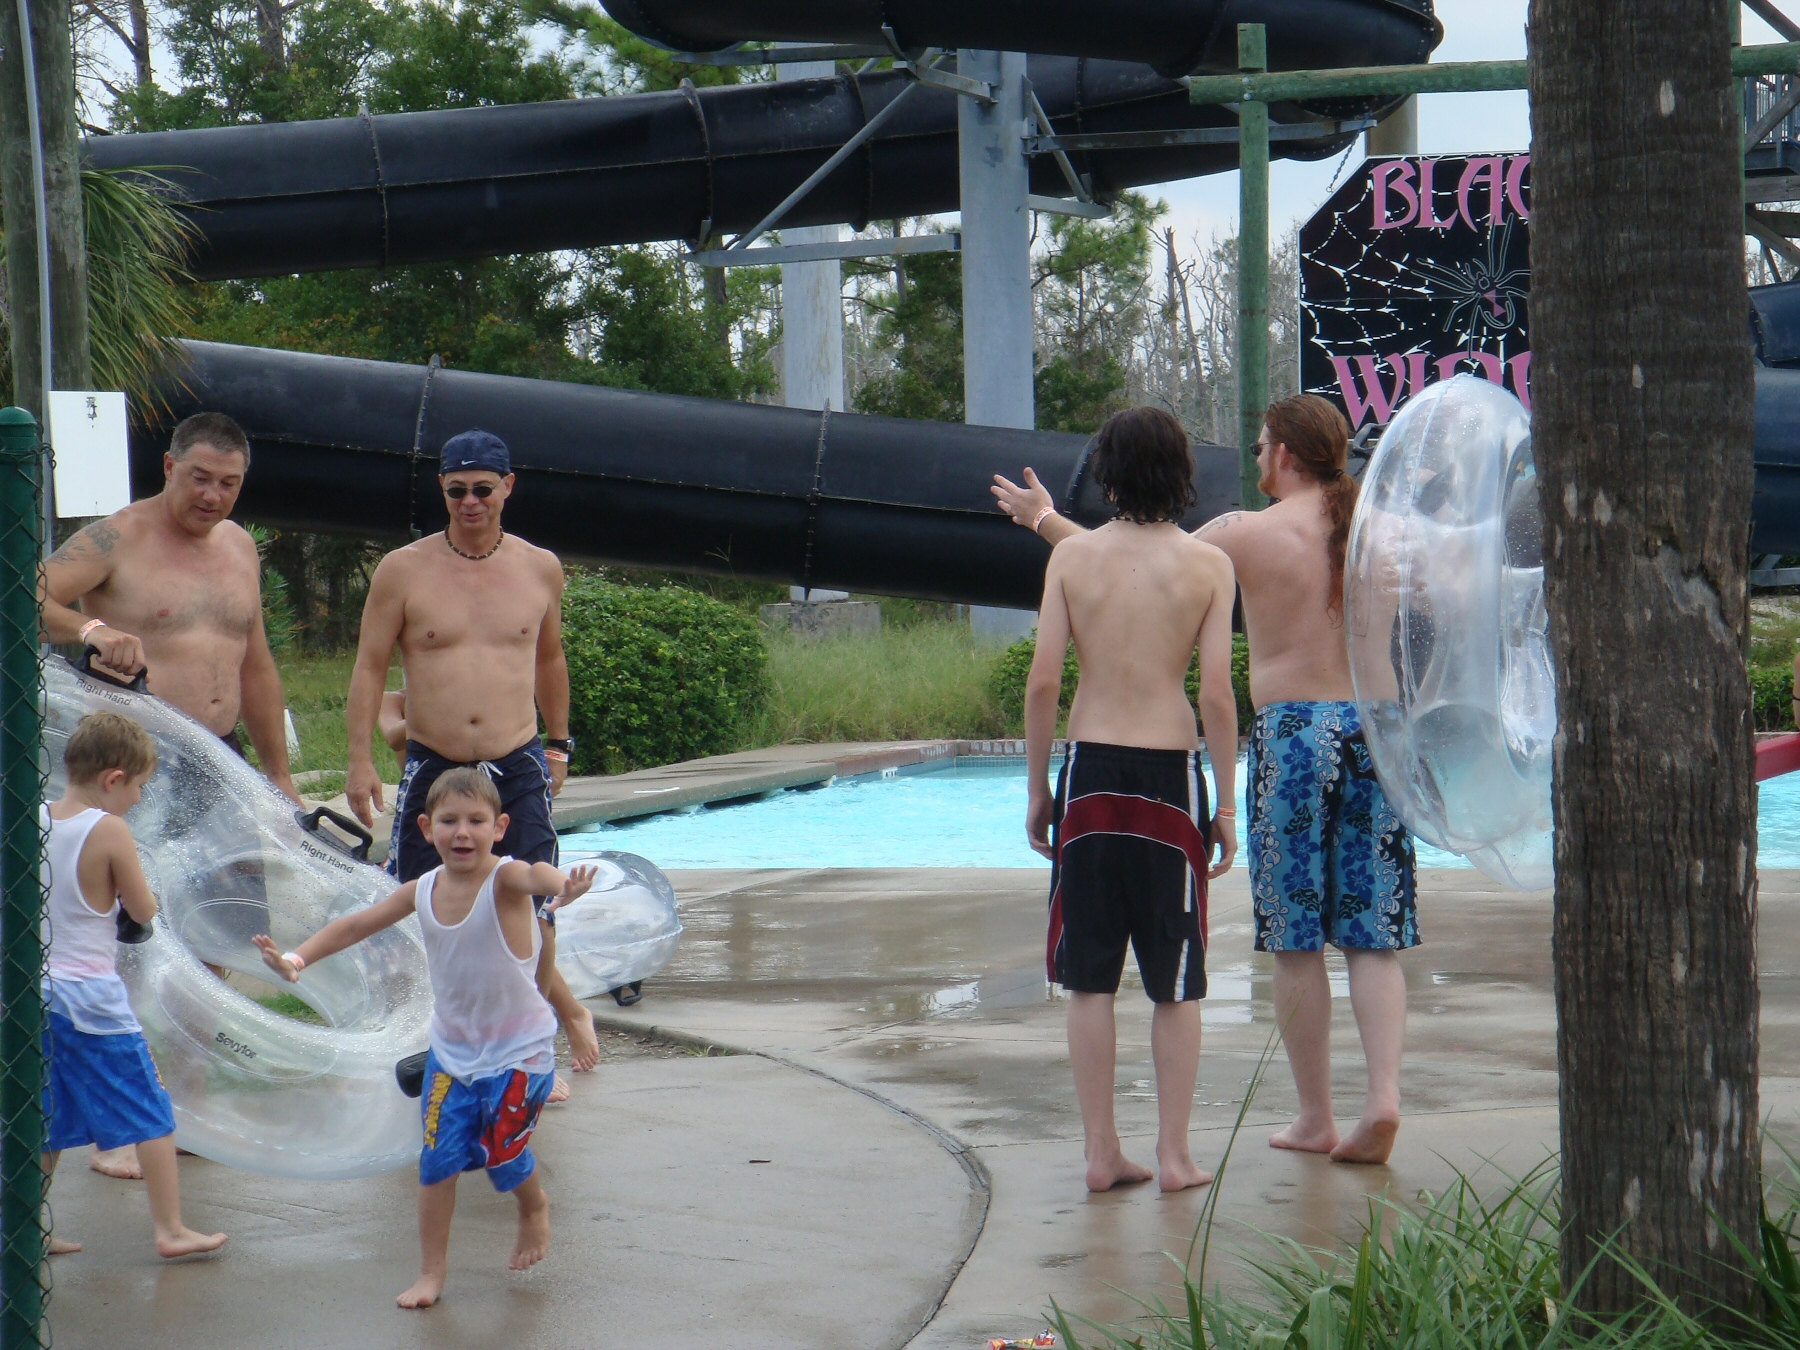 black slide at water park